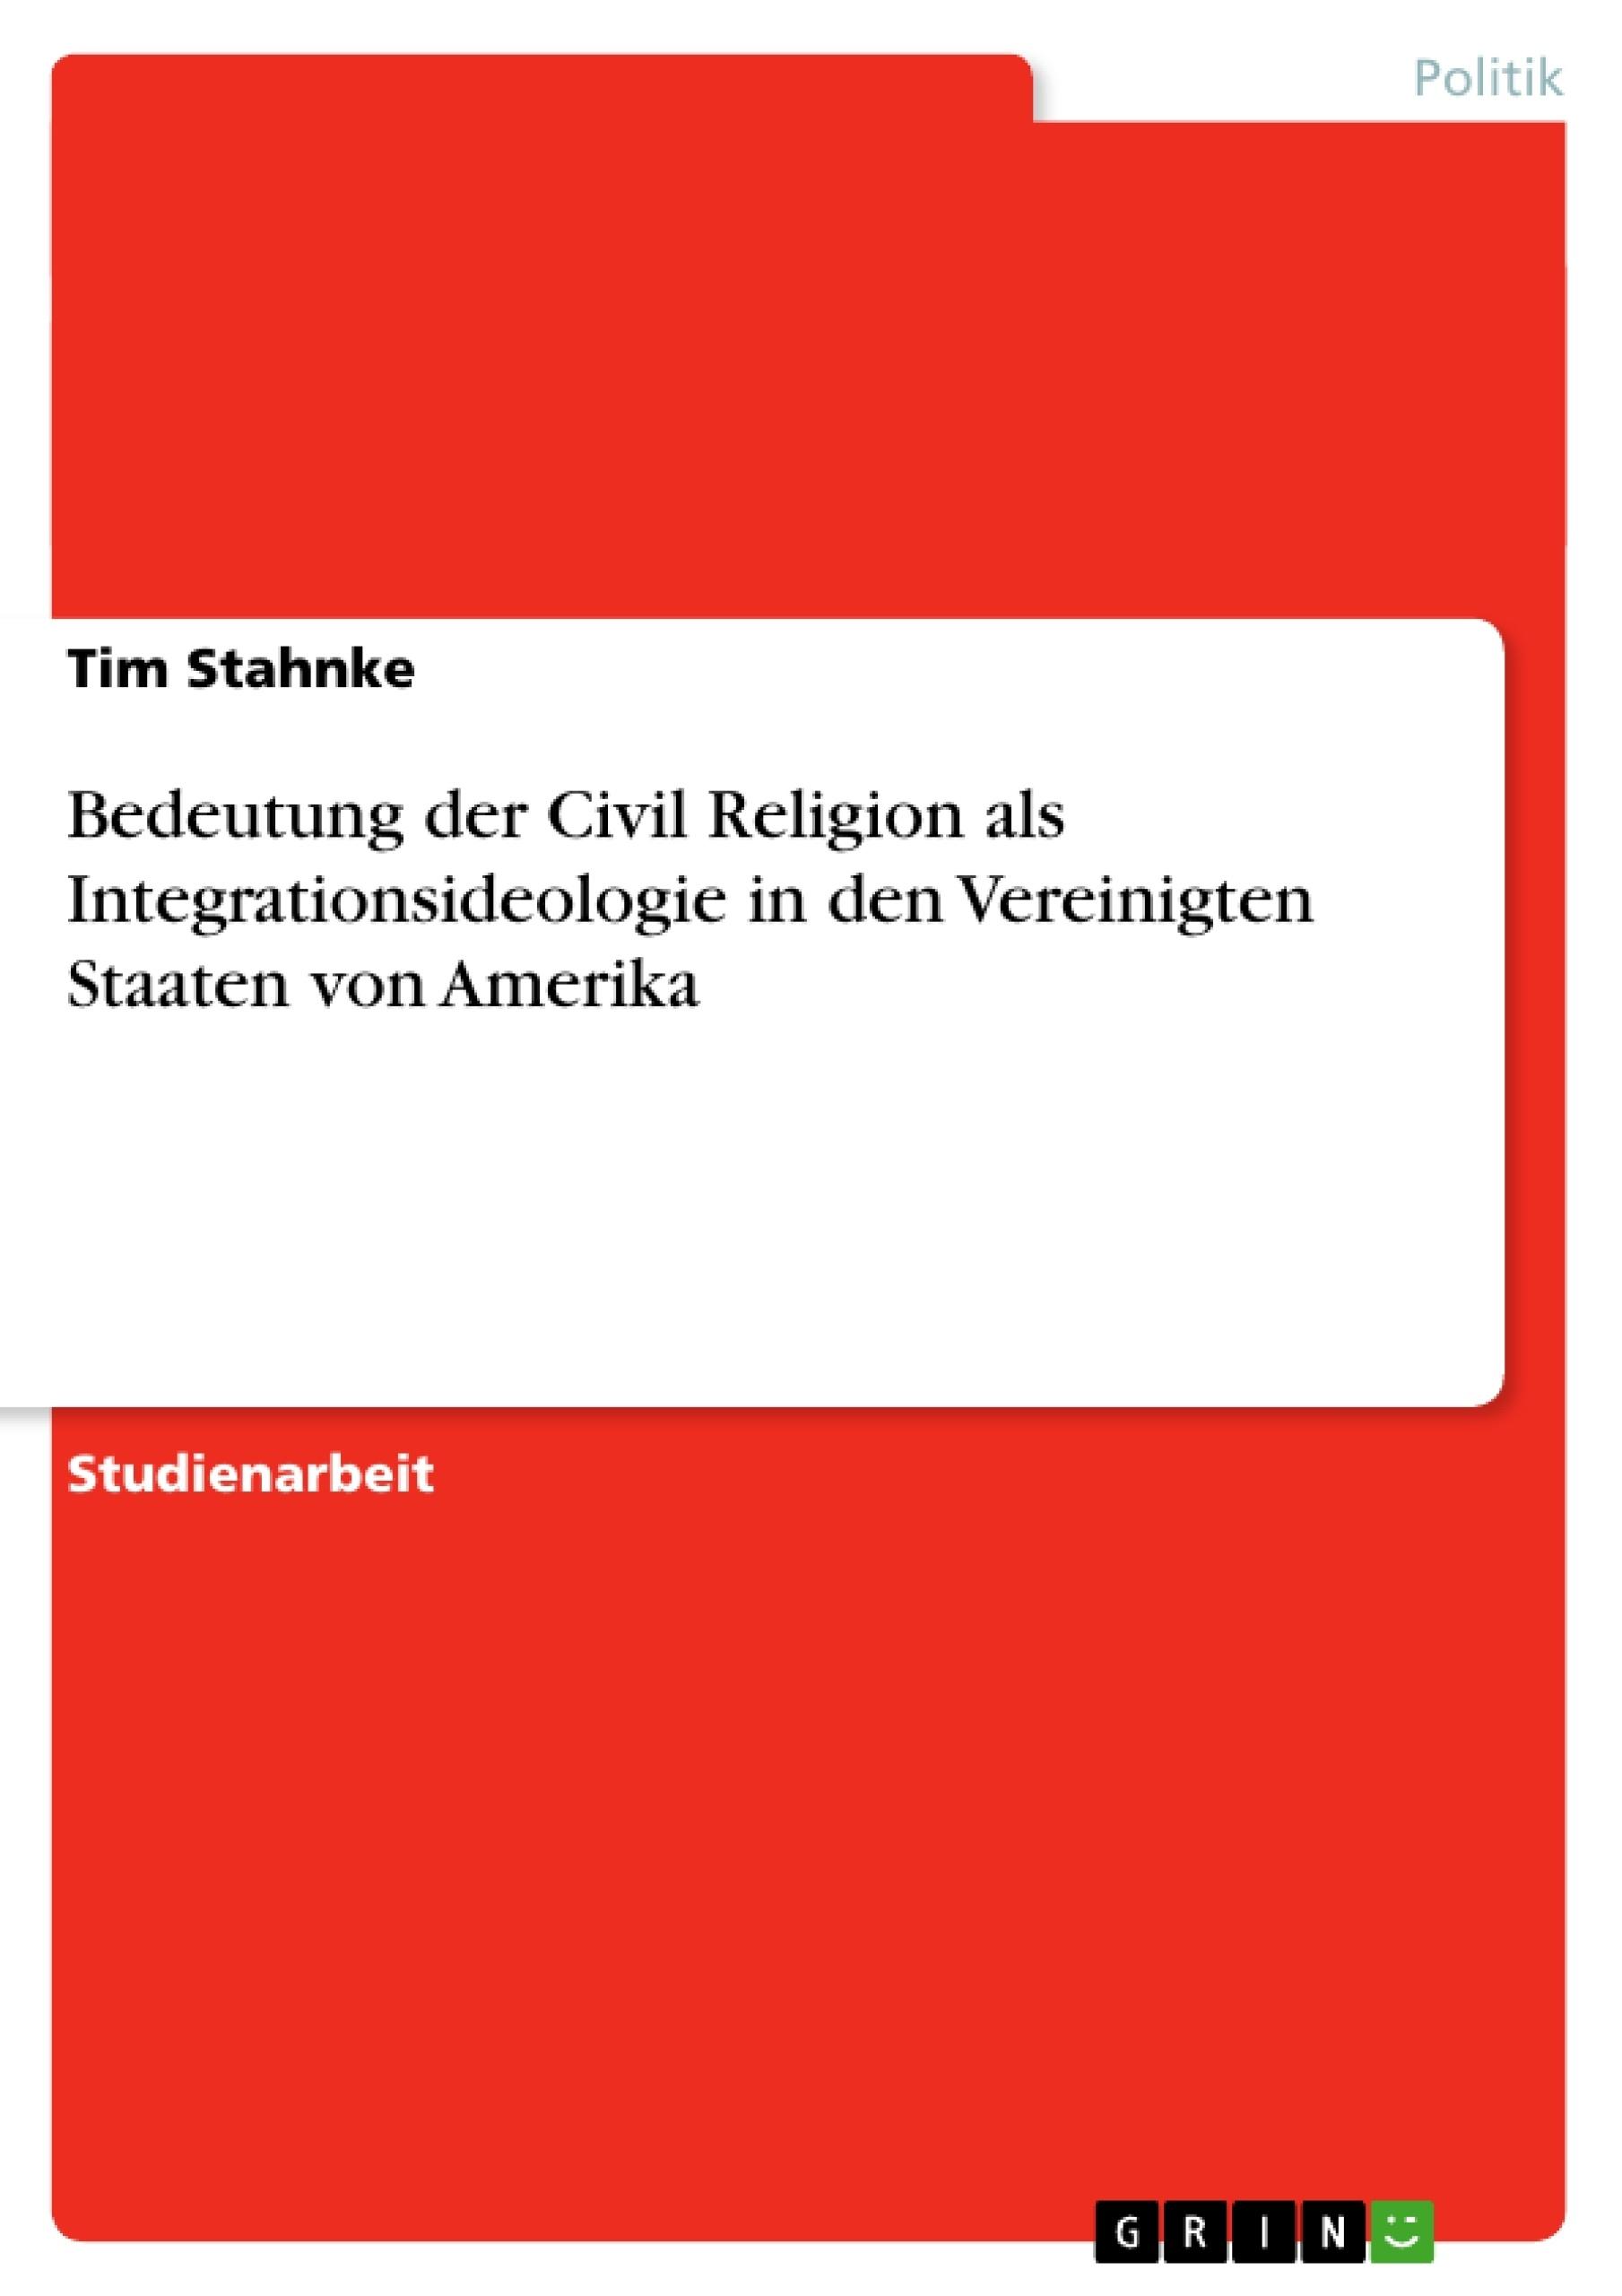 Titel: Bedeutung der Civil Religion als Integrationsideologie in den Vereinigten Staaten von Amerika